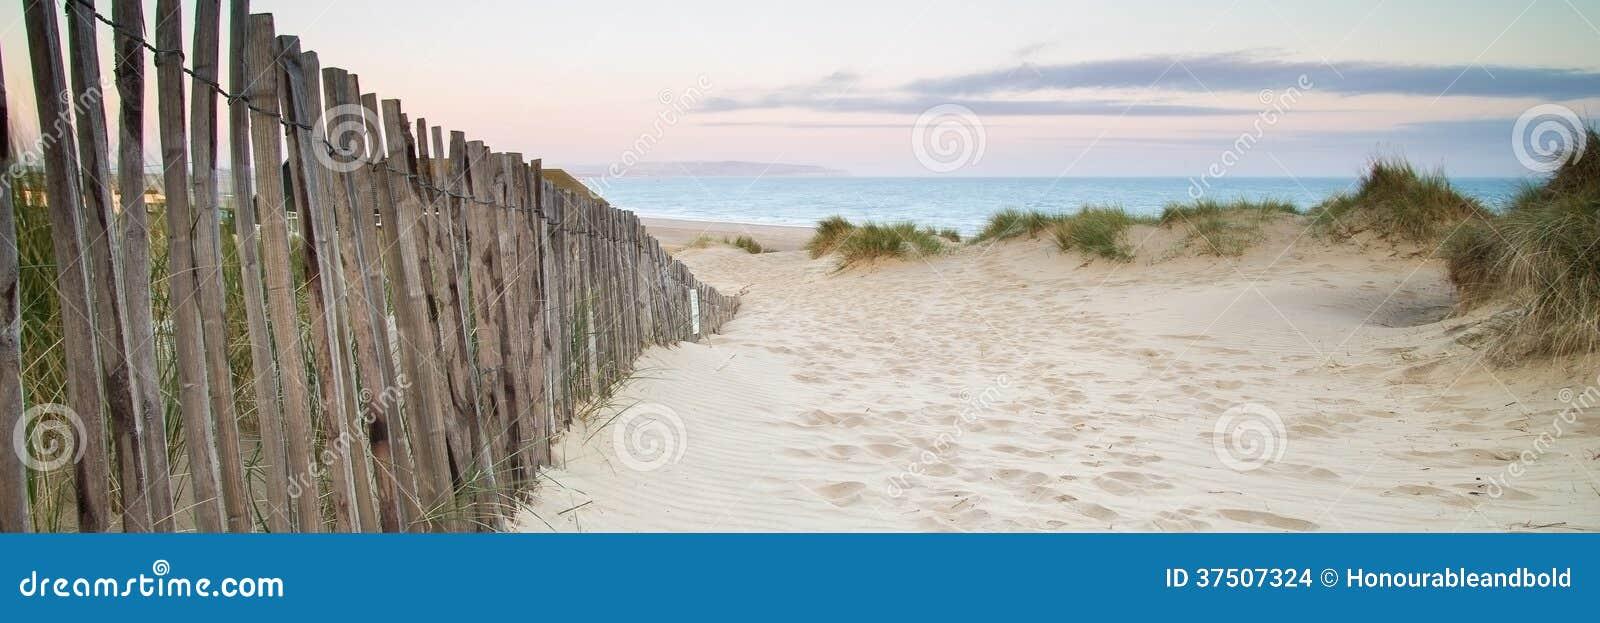 Panorama krajobraz piasek diun system na plaży przy wschodem słońca